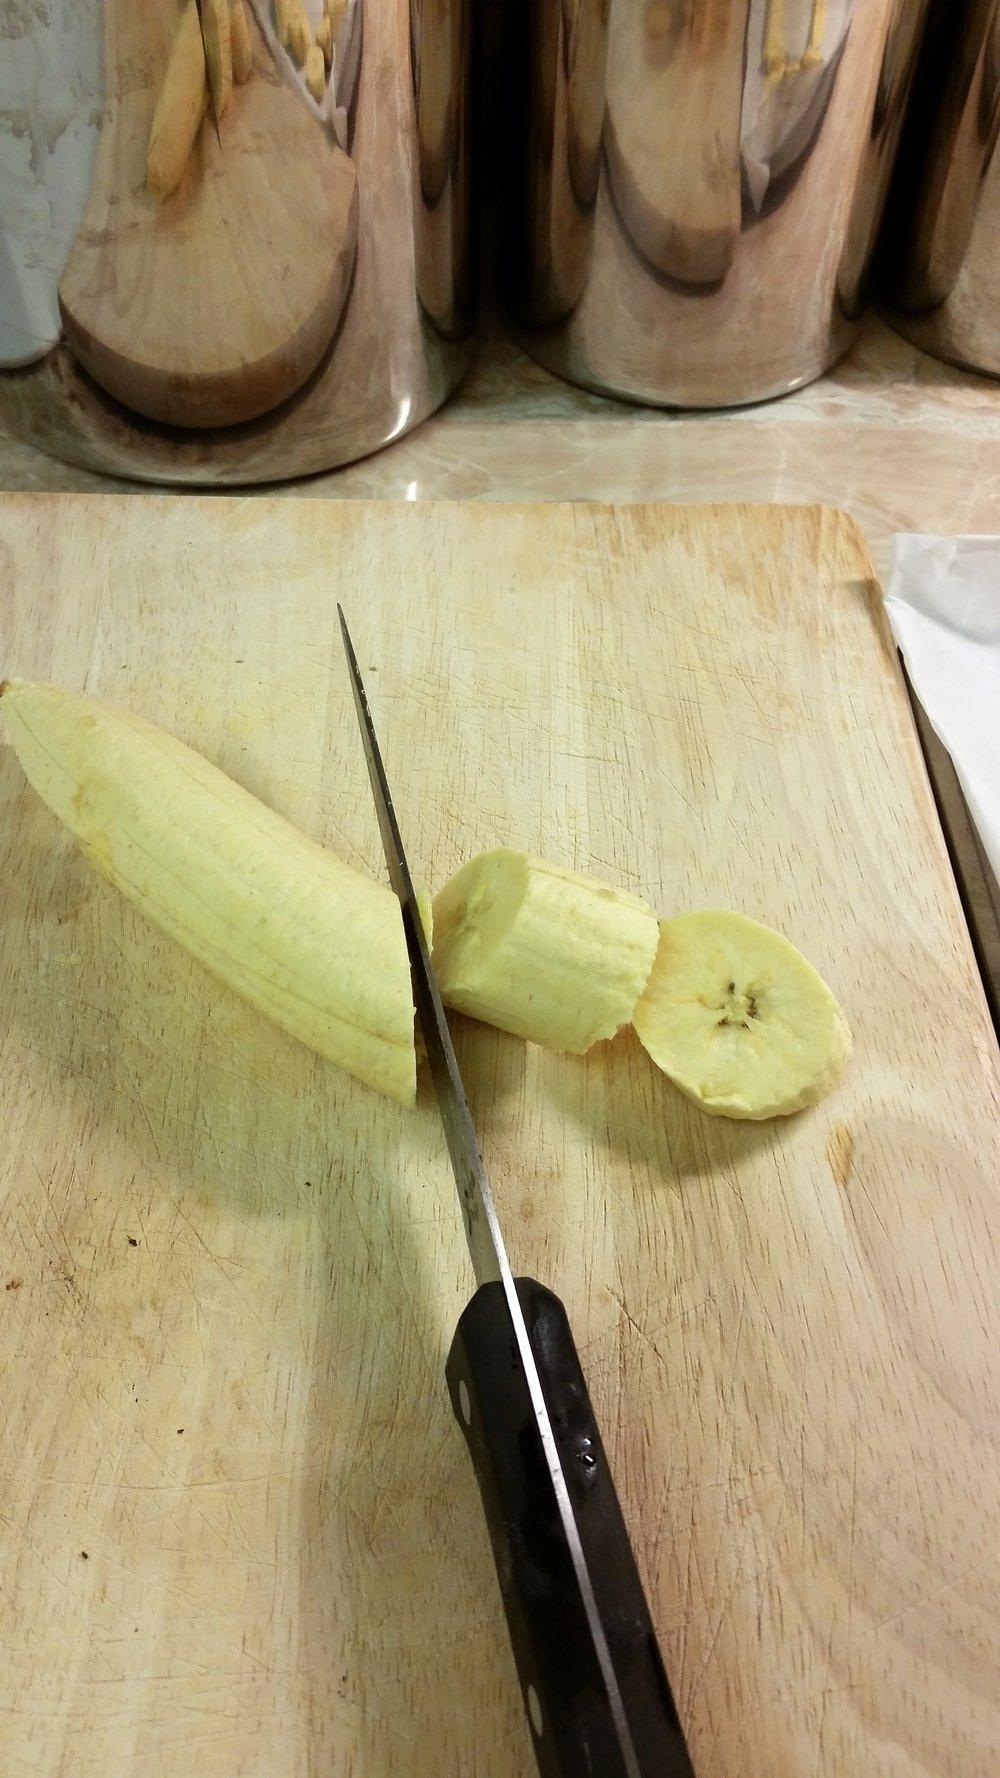 cutting plantains.jpg